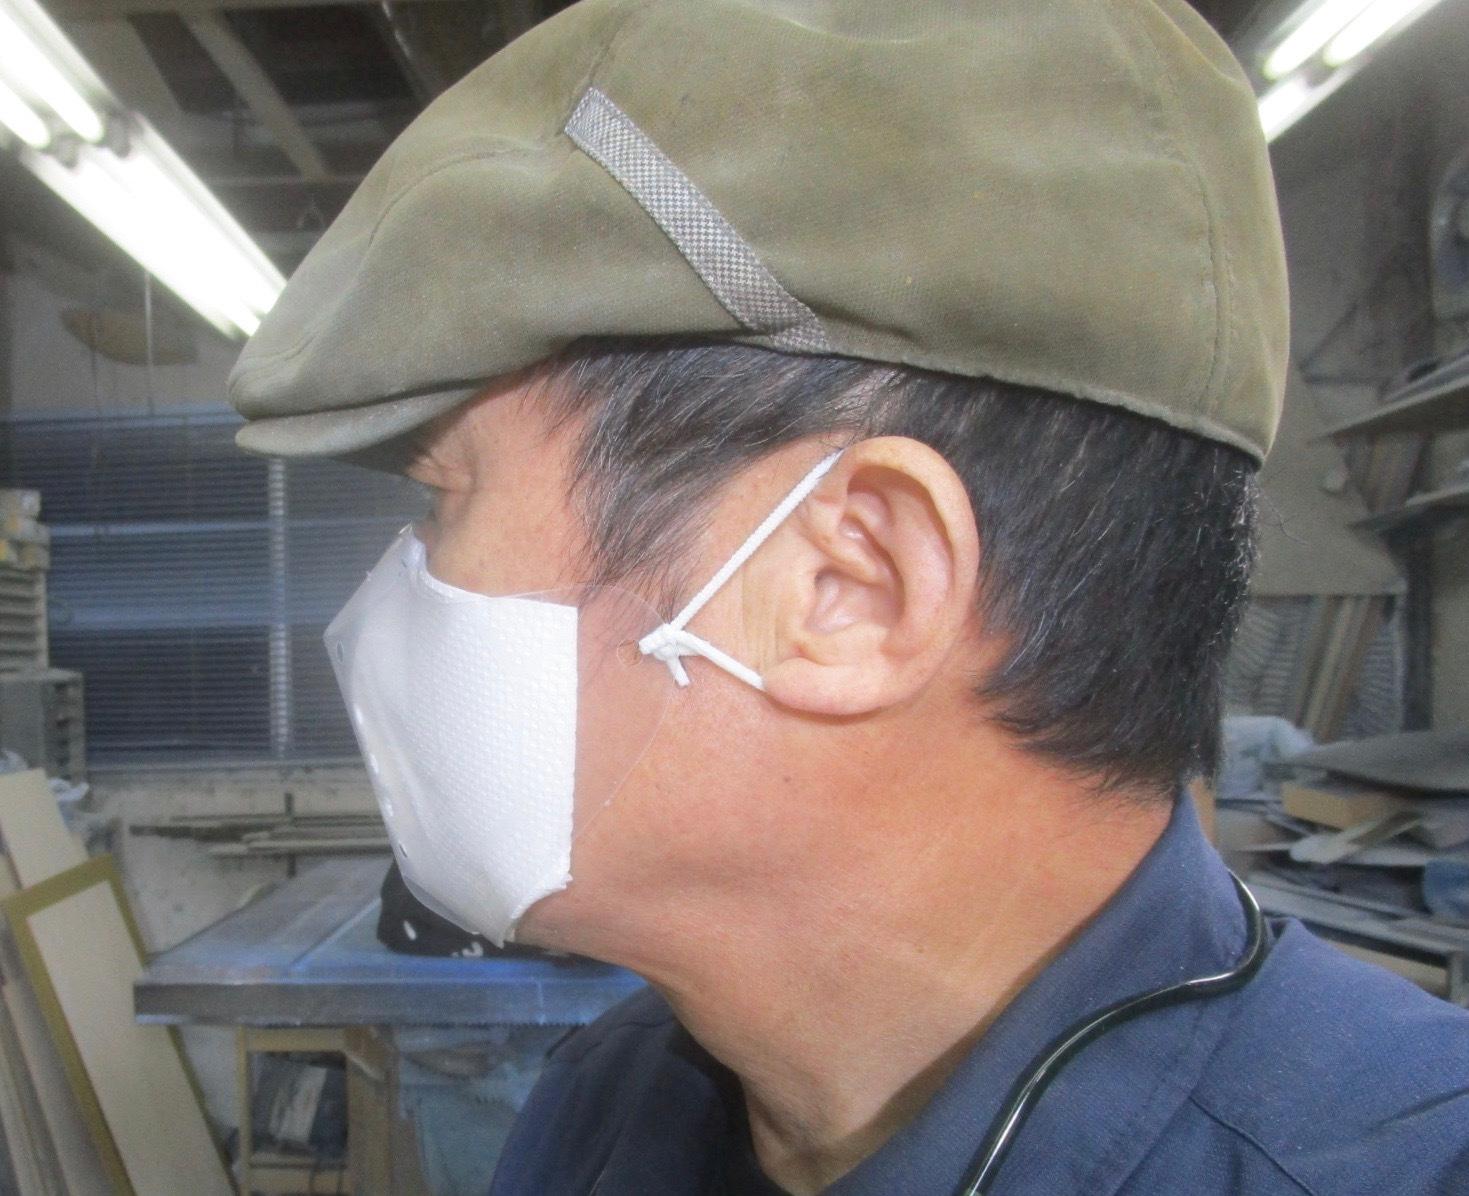 マスク不足になった時の備え_e0146402_20302552.jpeg